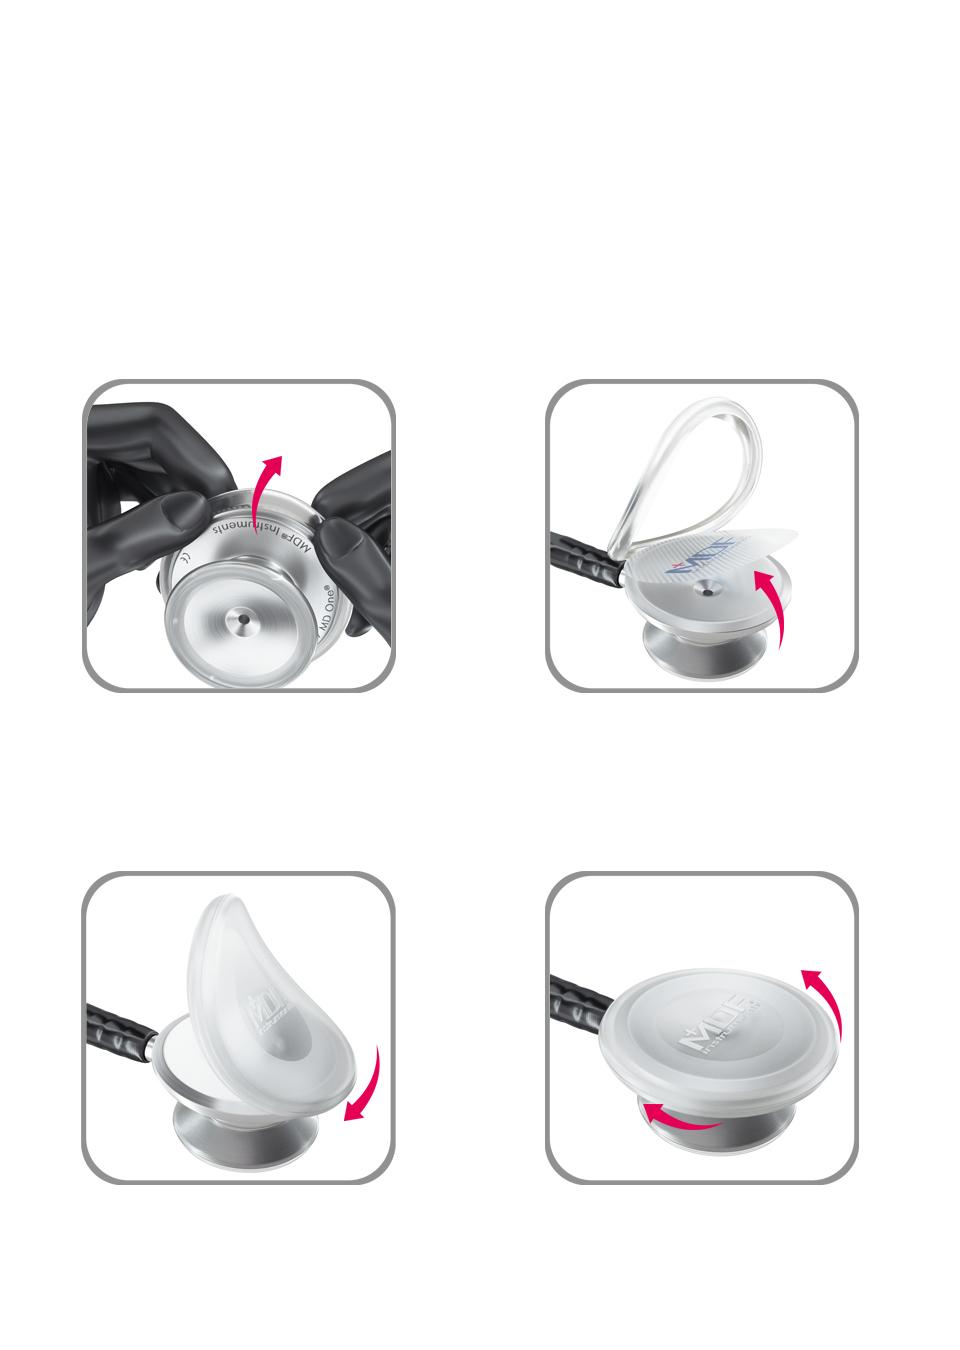 Защитные силиконовые диафрагмы для оливы ПьюрСона MDF480-F50